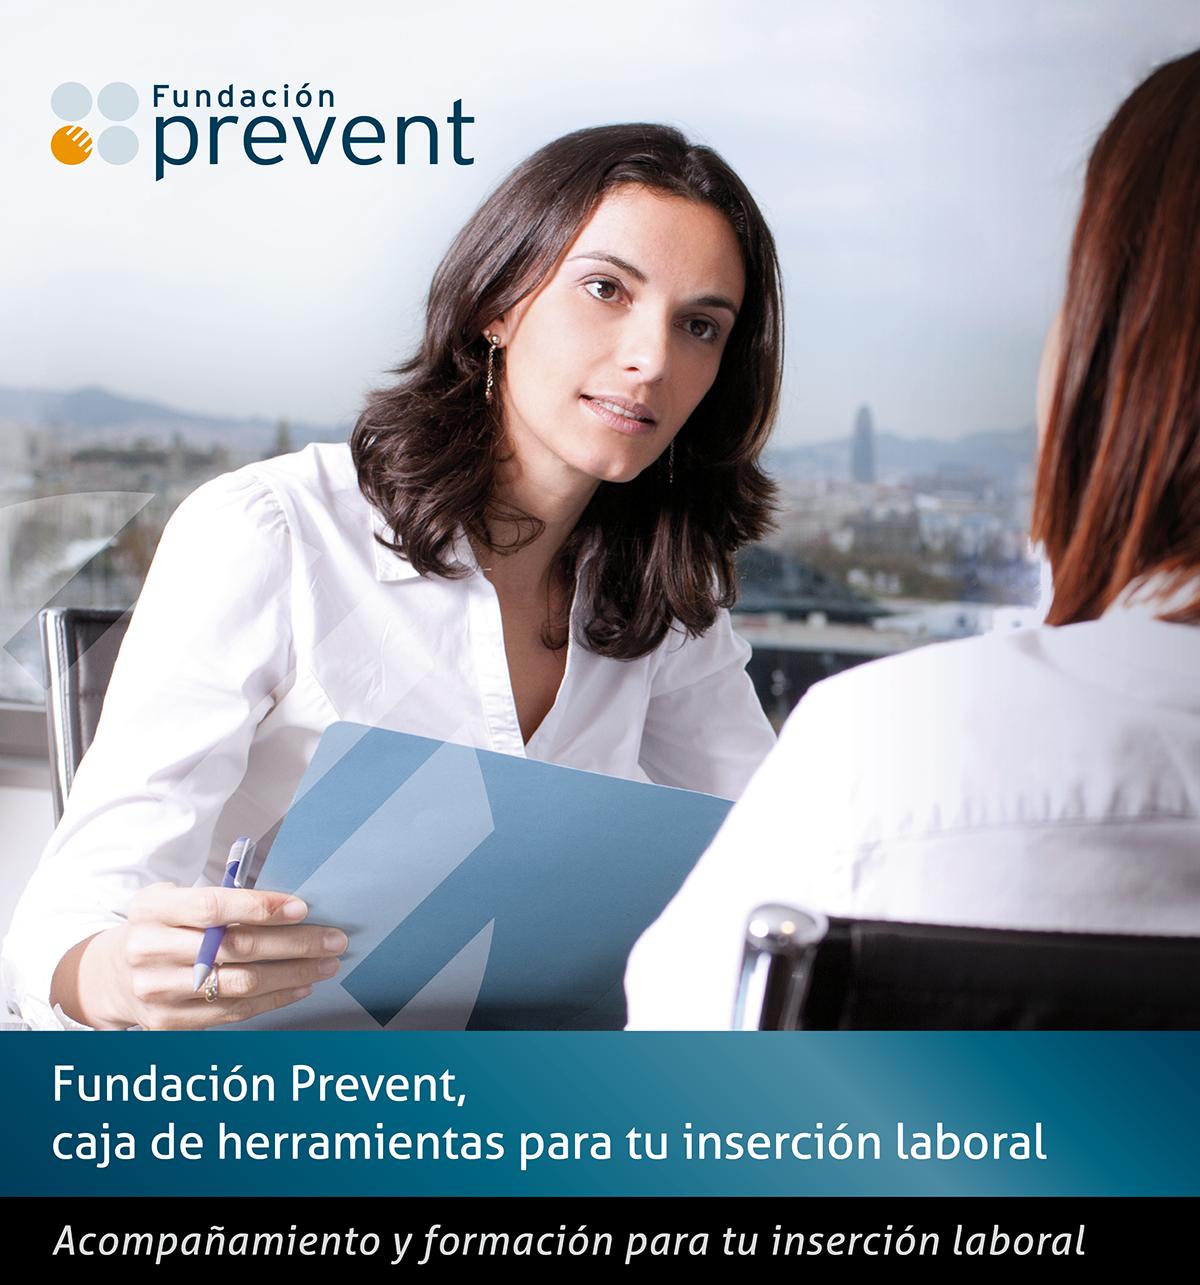 Fundación Prevent, caja de herramientas para tu inserción laboral